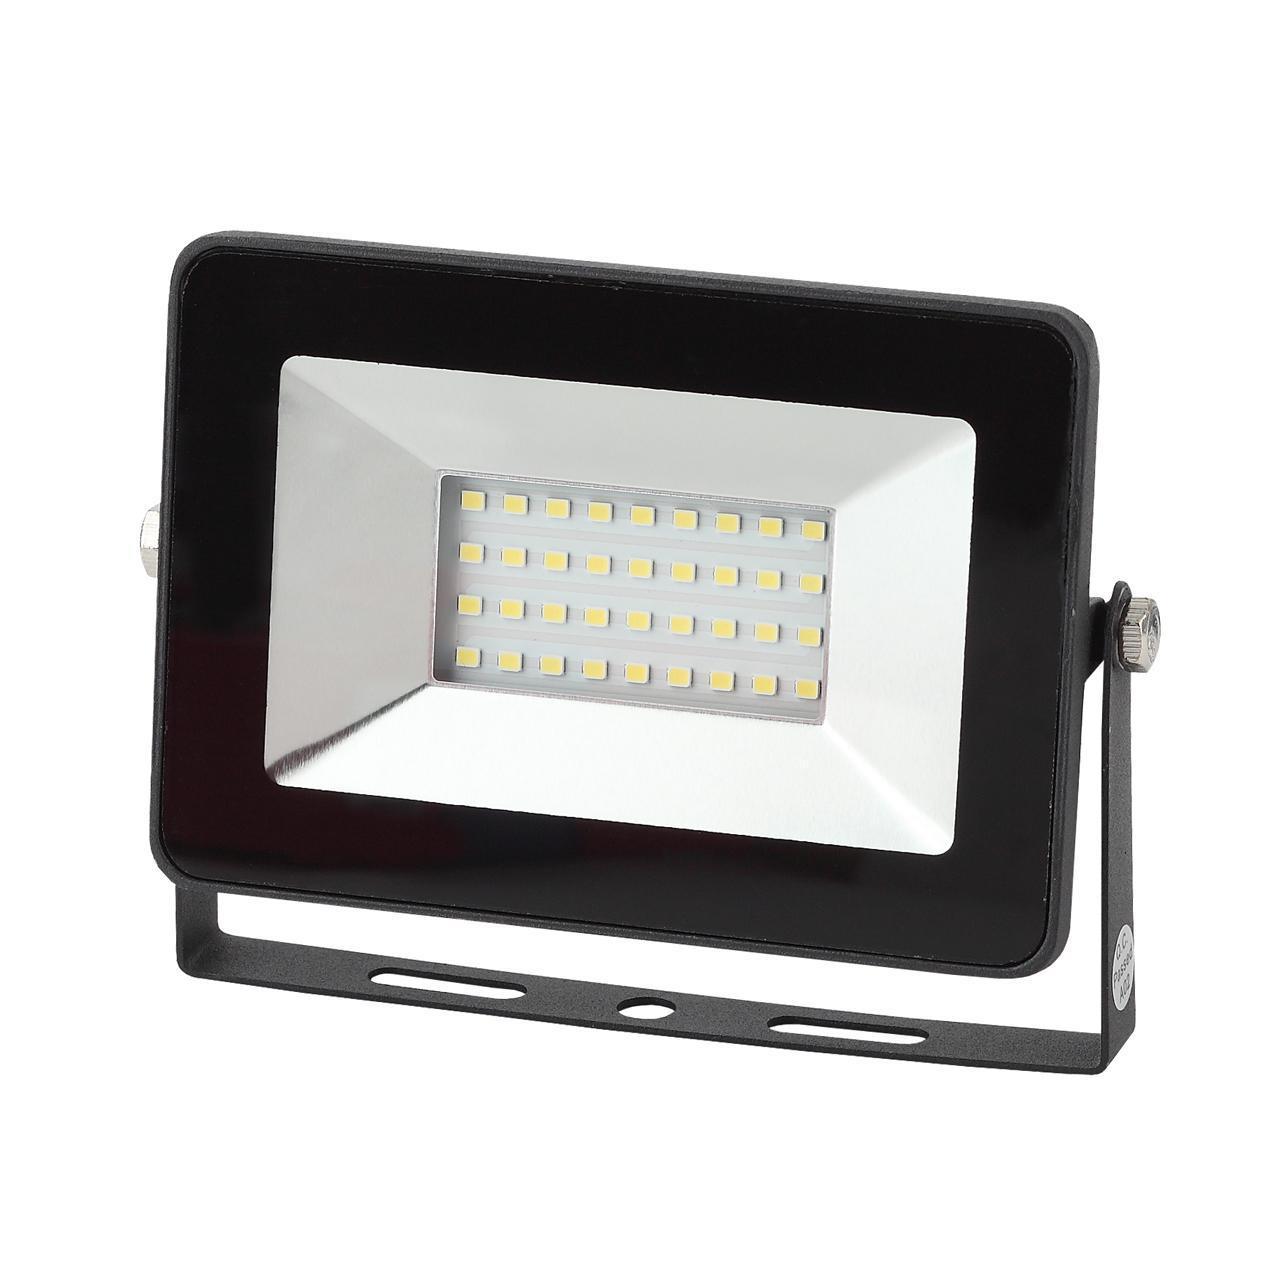 Прожектор Эра LPR-30-6500K SMD Eco Slim, 30 Вт прожектор эра 30 вт